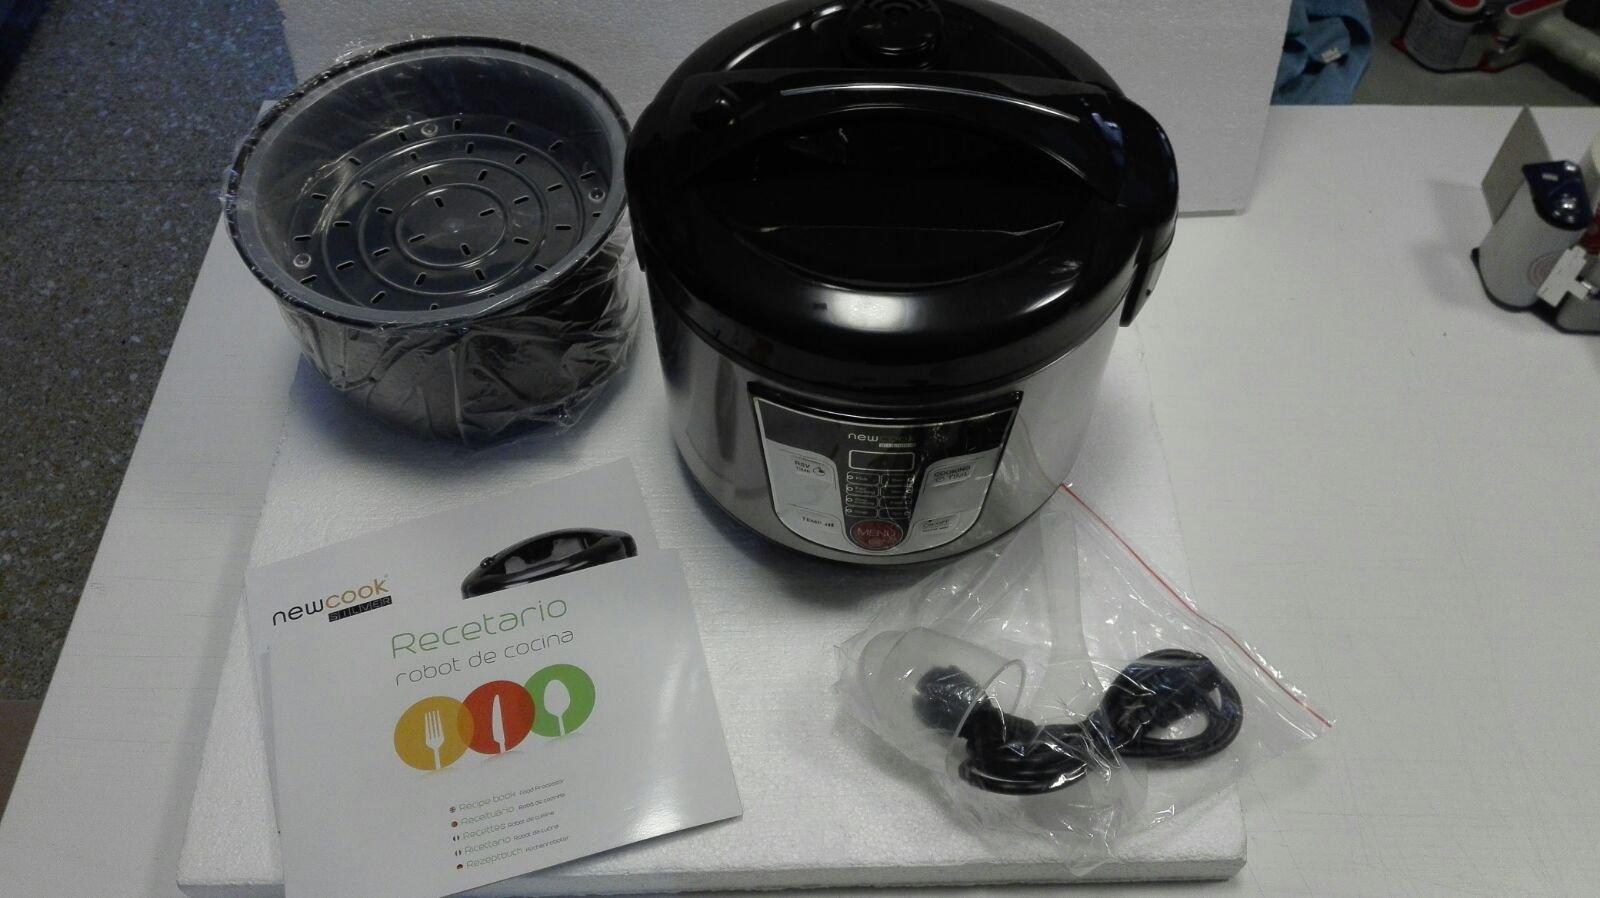 Top SHOP Newcook Robot de cocina 5 Lt Potencia 700 W Color Negro bz15: Amazon.es: Hogar